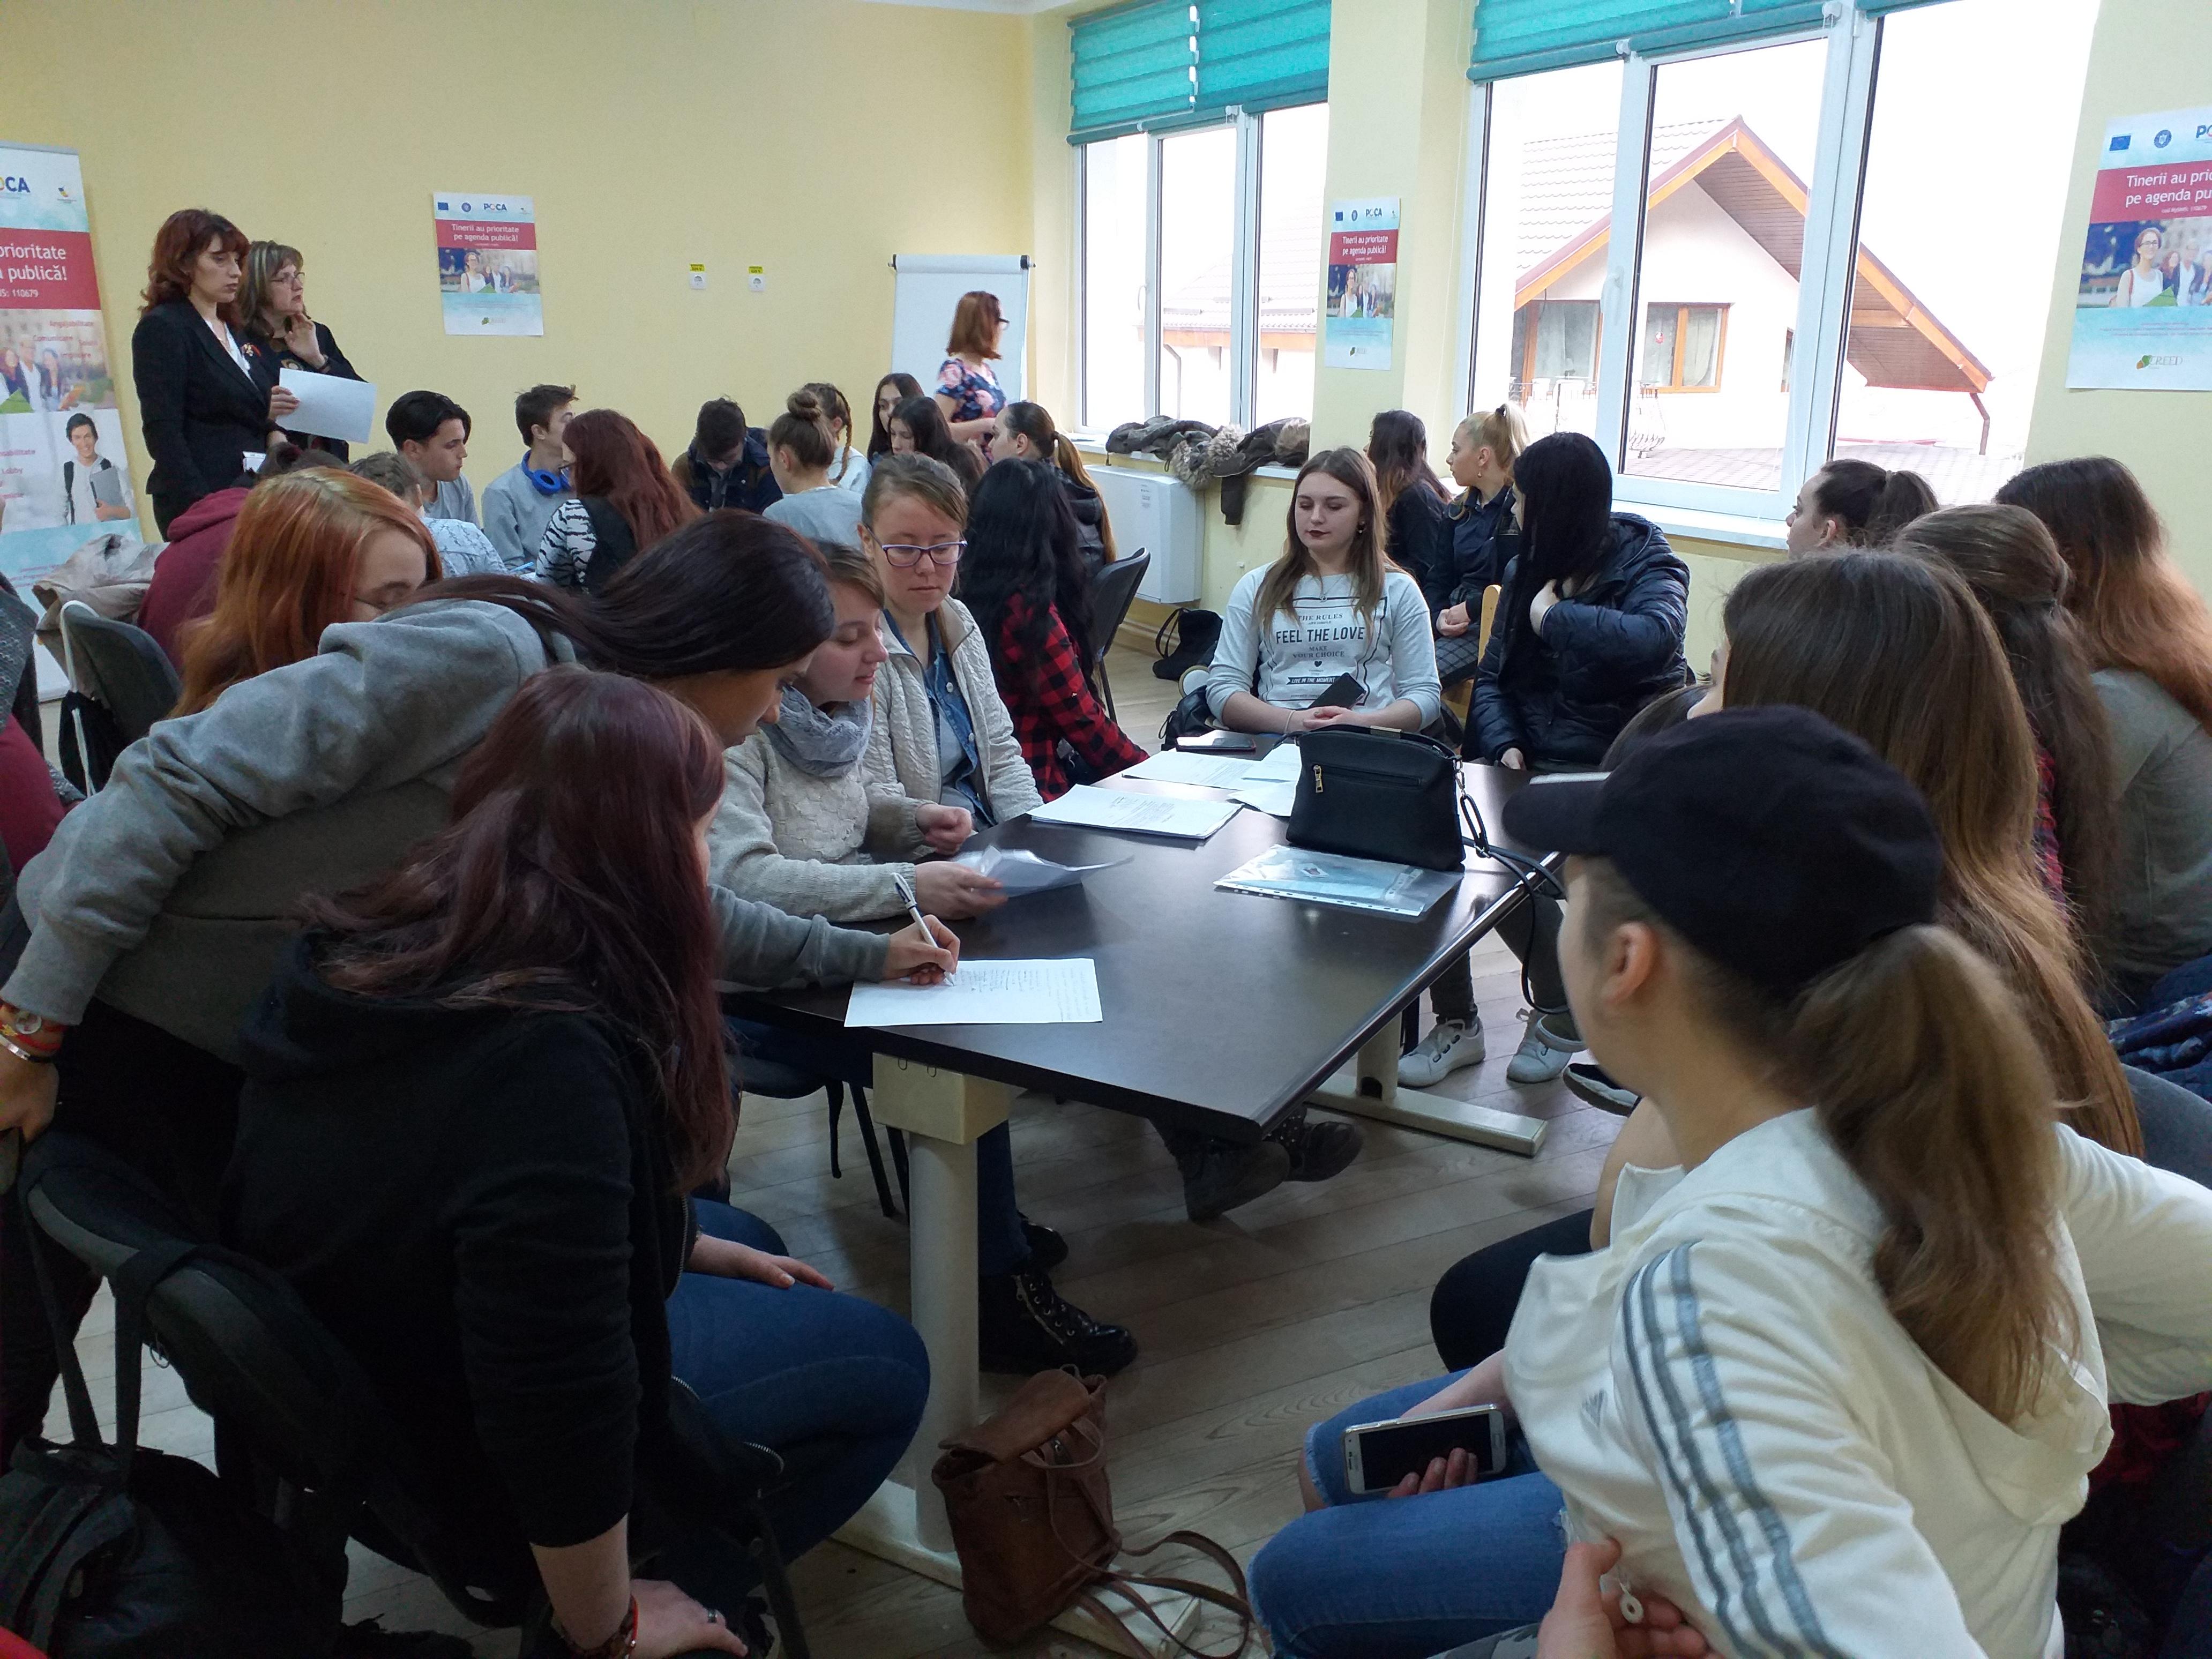 Întâlnire nr. 9 din cadrul Centrului de Participare Activă